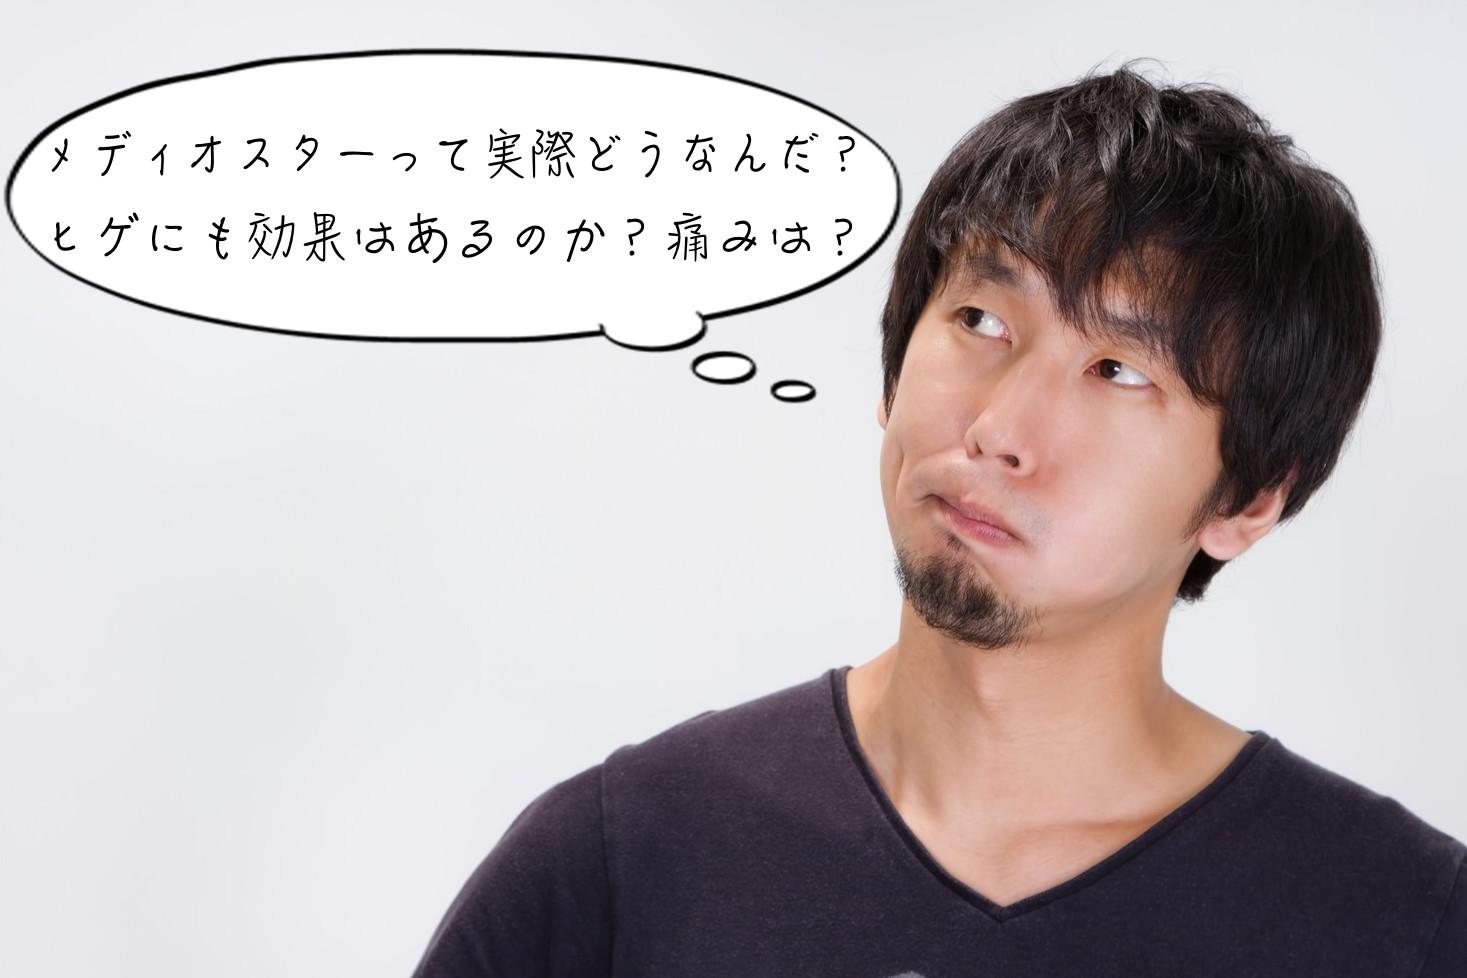 メディオスター 口コミ 髭,メディオスター 評判